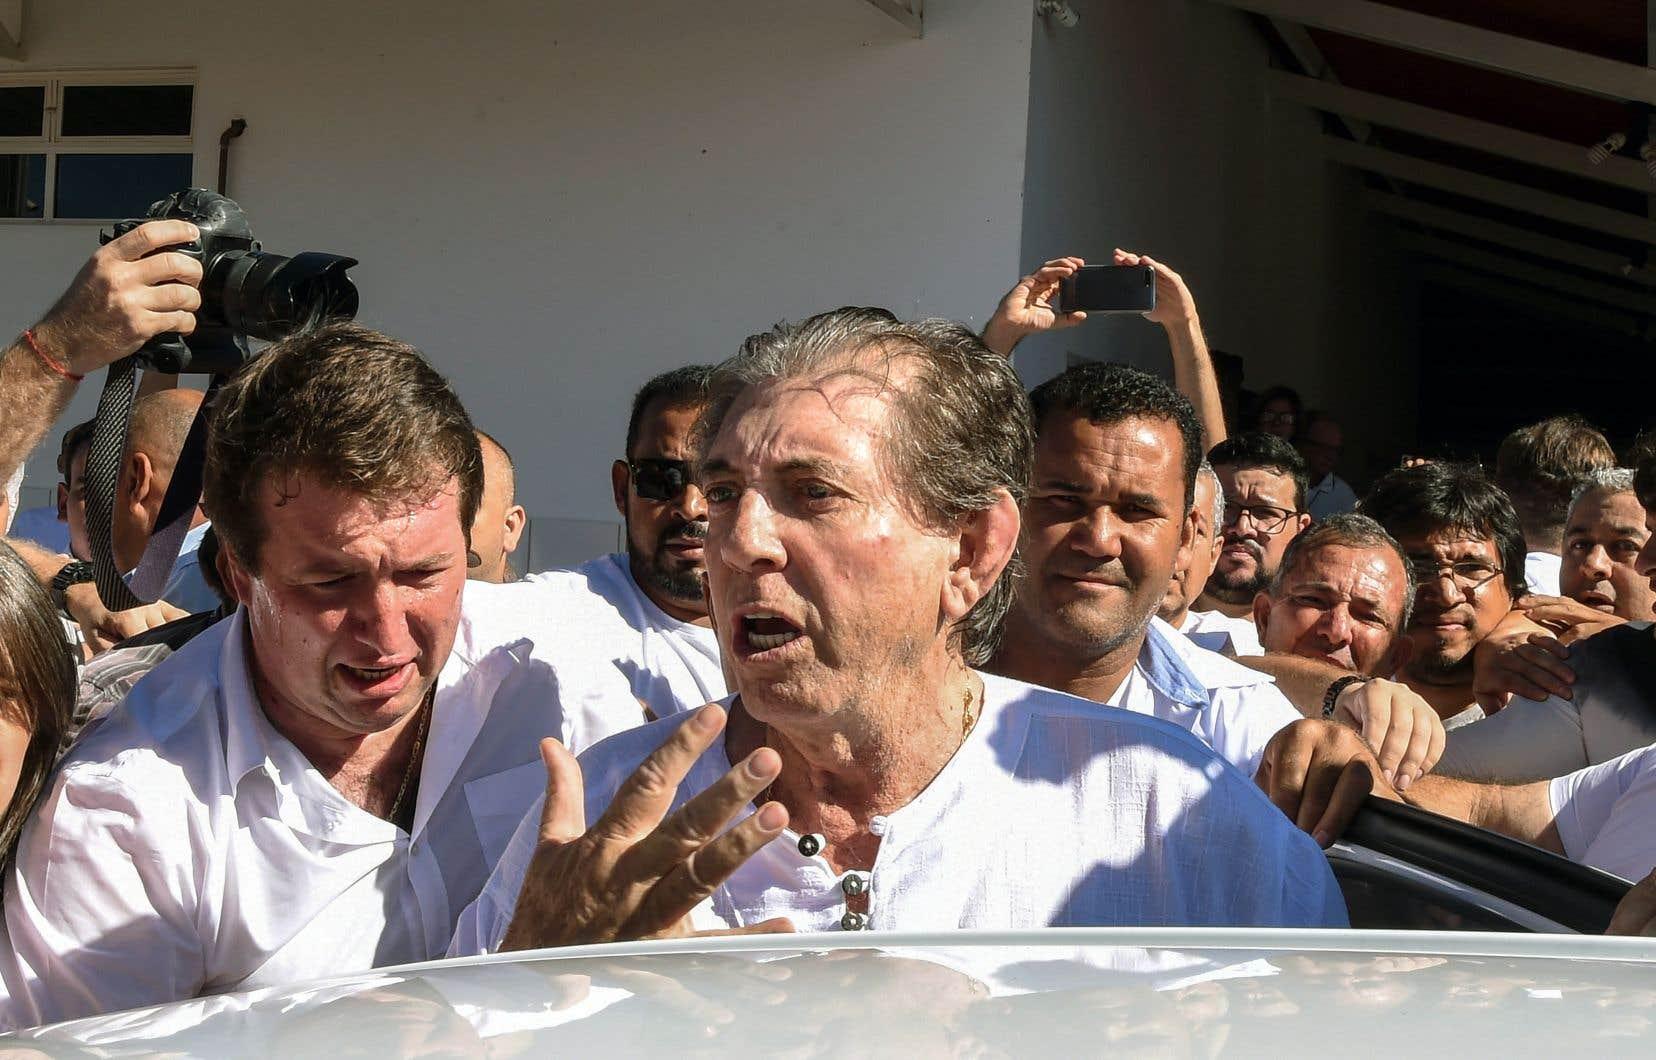 Le «guérisseur spirituel» João de Deus (au centre) était escorté par des fidèles lors de son arrivée à son temple d'Abadiania, mercredi.